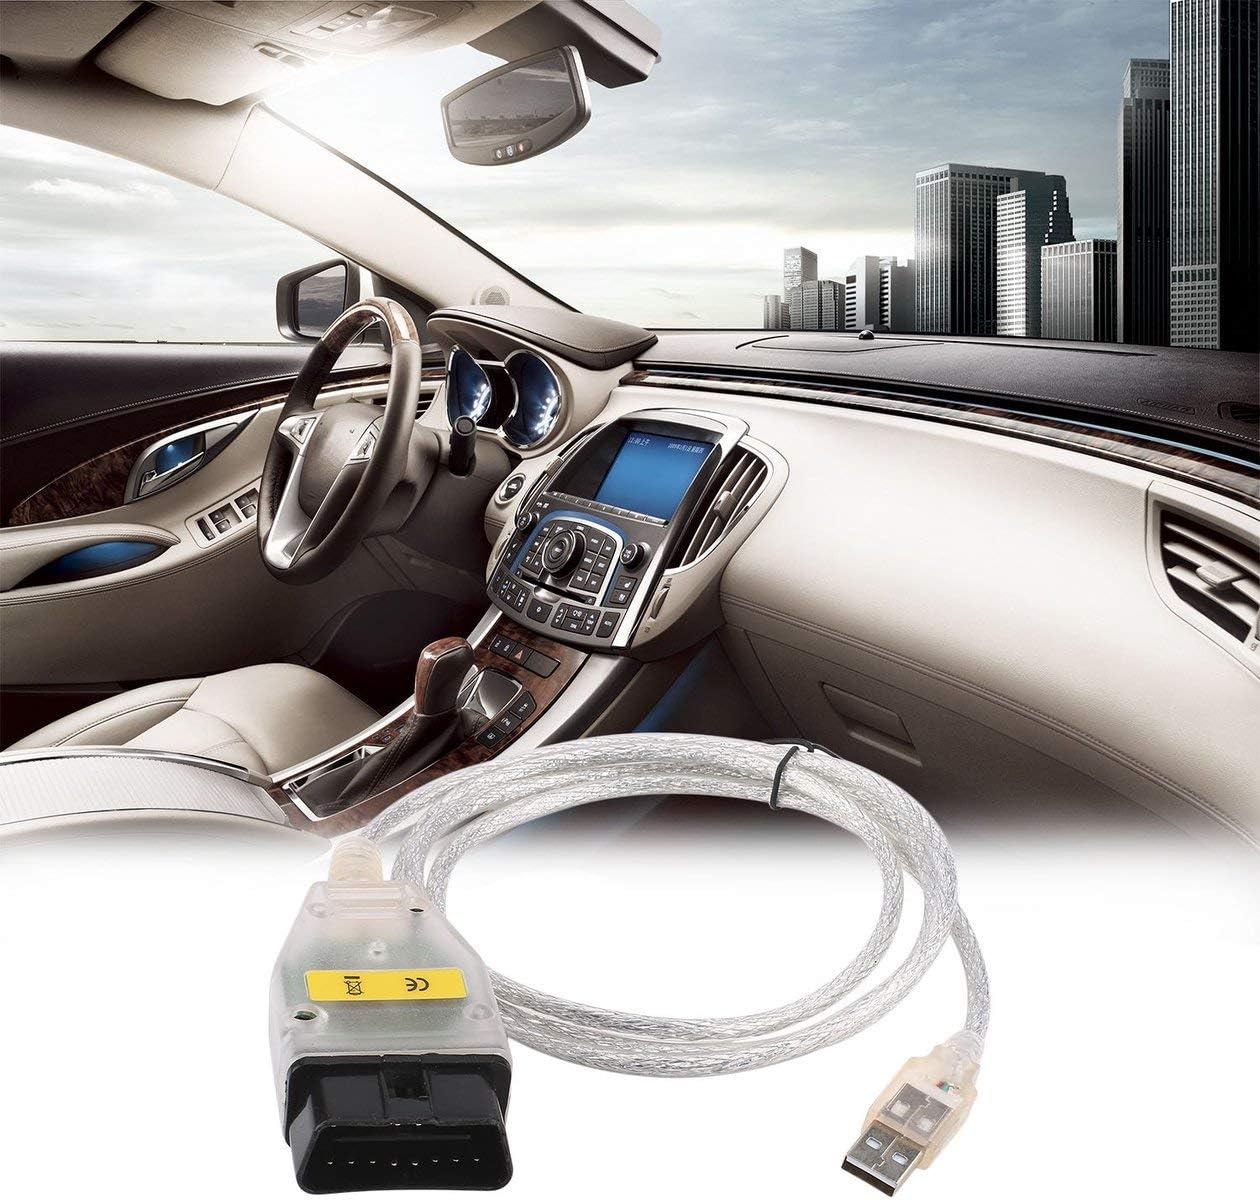 CAN C/âble dinterface USB Compatible INPA pour BMW K CAN Scan Reader Commutateur de c/âble de diagnostic et couleur: blanc FT232RL Commutateur INPA /à puce K